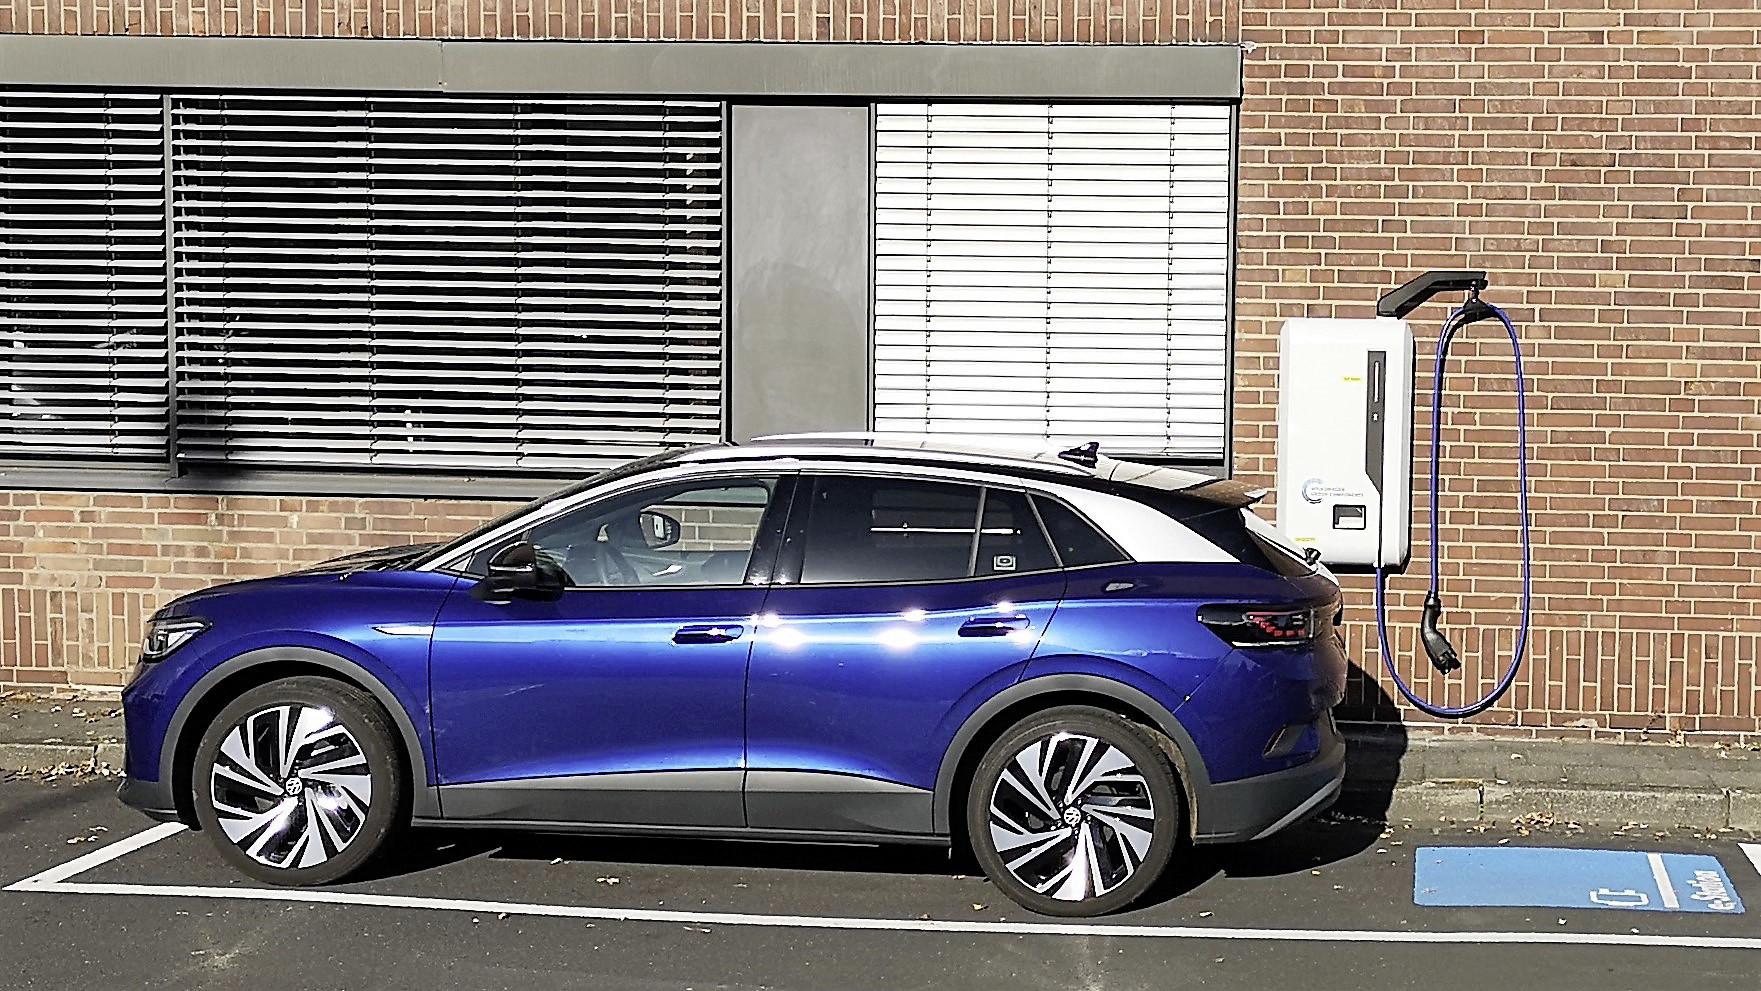 Volkswagen analiza nuevo dispositivo para carga de eléctricos